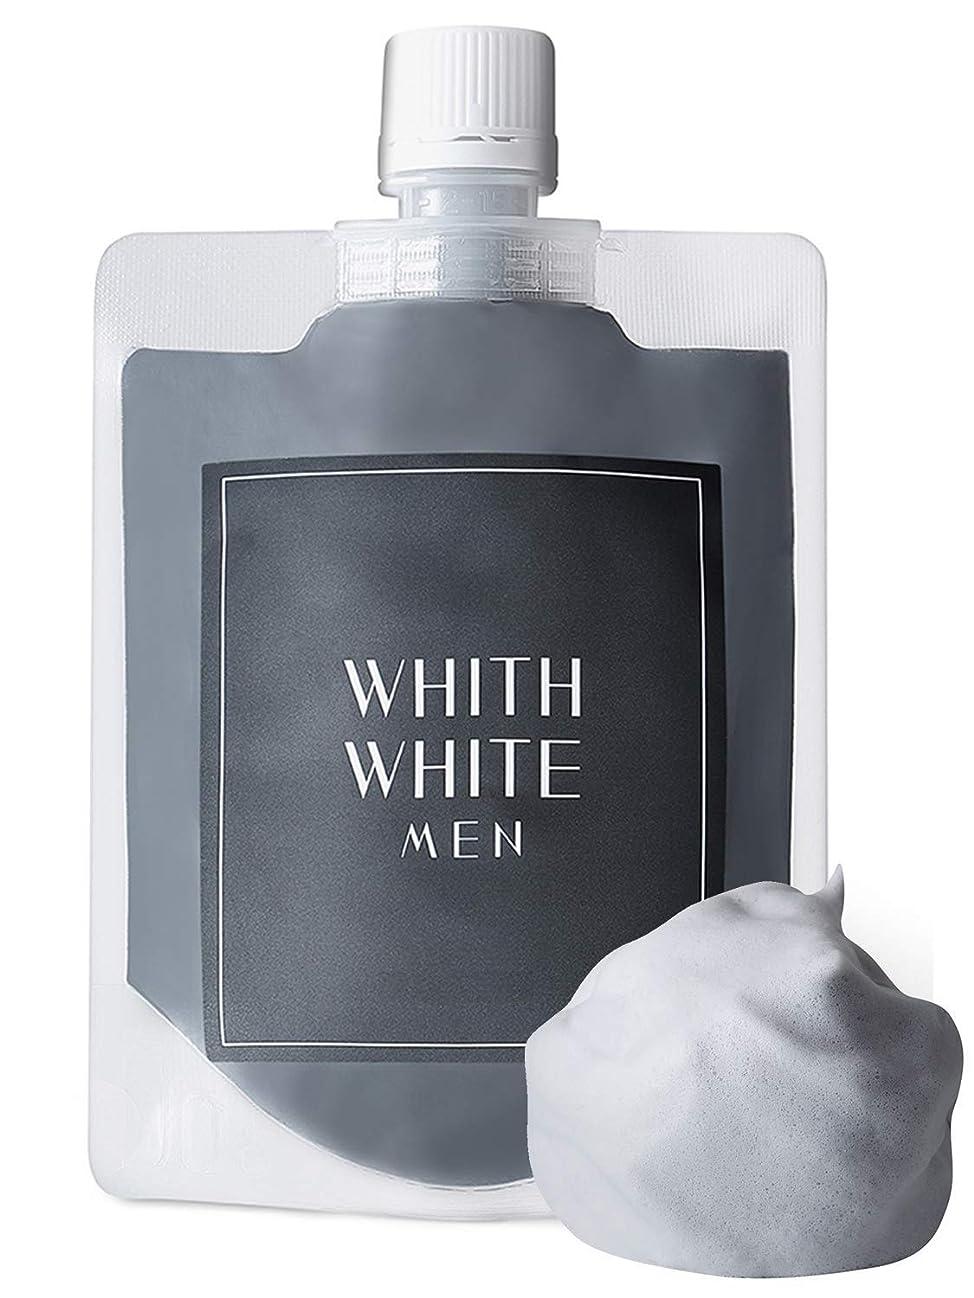 レンズかんたん本を読むフィス ホワイト メンズ 泥 洗顔 ネット 付き 8つの 無添加 洗顔フォーム (炭 泡 クレイ で 顔 汚れ を 落とす) (日本製 洗顔料 130g リッチ セット)(どろ で 毛穴 を ごっそり 除去)